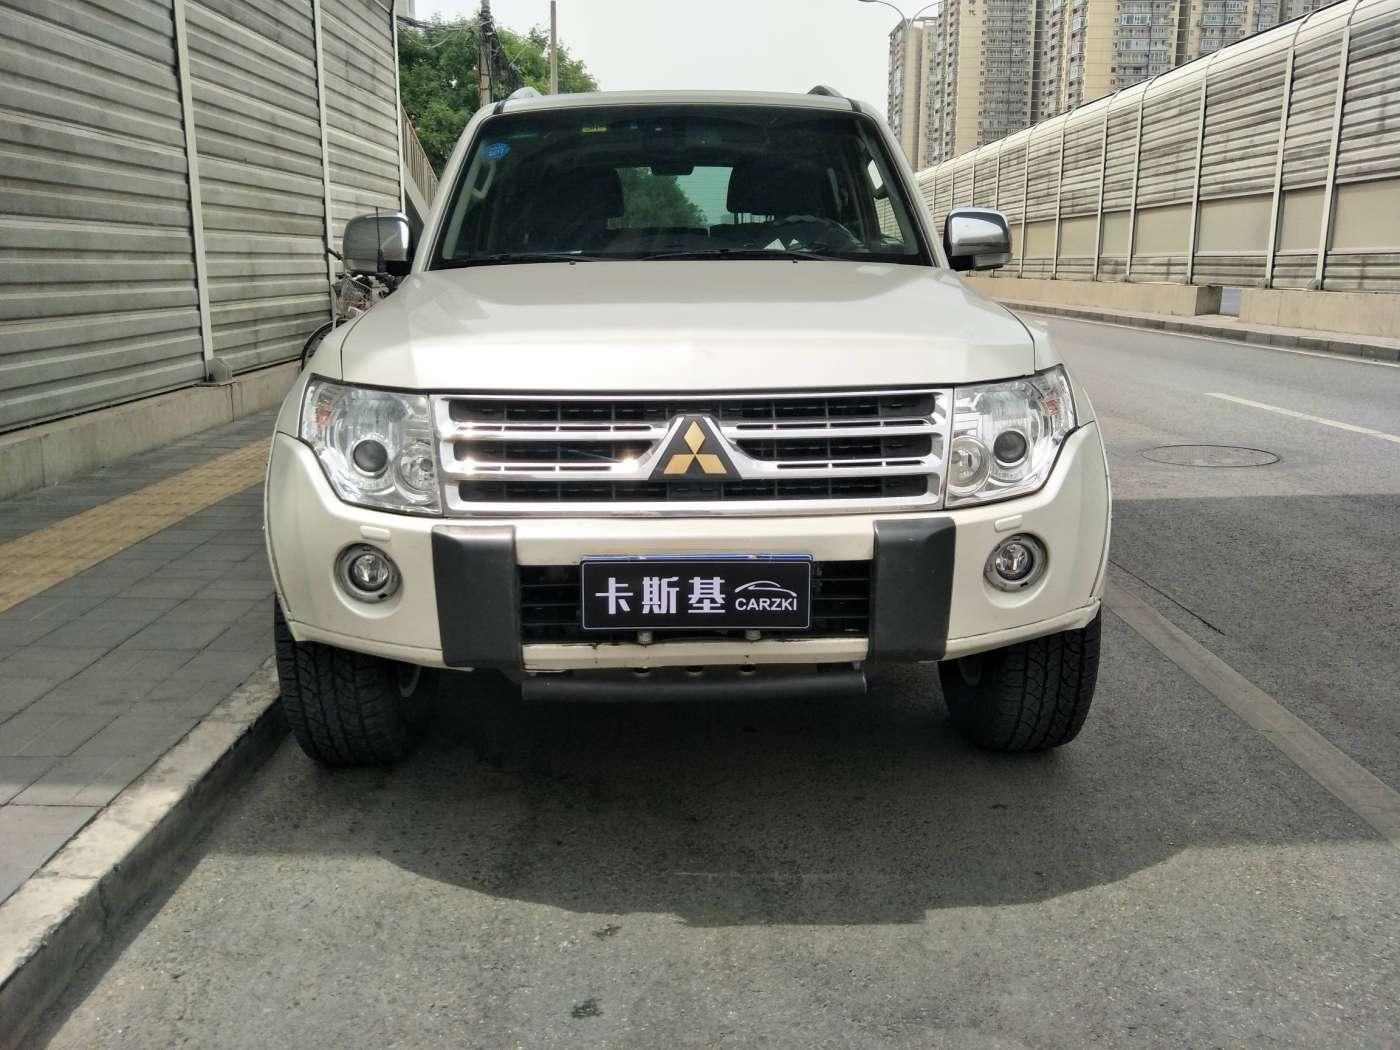 2011年10月 三菱 帕杰罗(进口) 2011款 3.0L 精英超越版|甄选三菱-北京卡斯基汽车服务有限公司